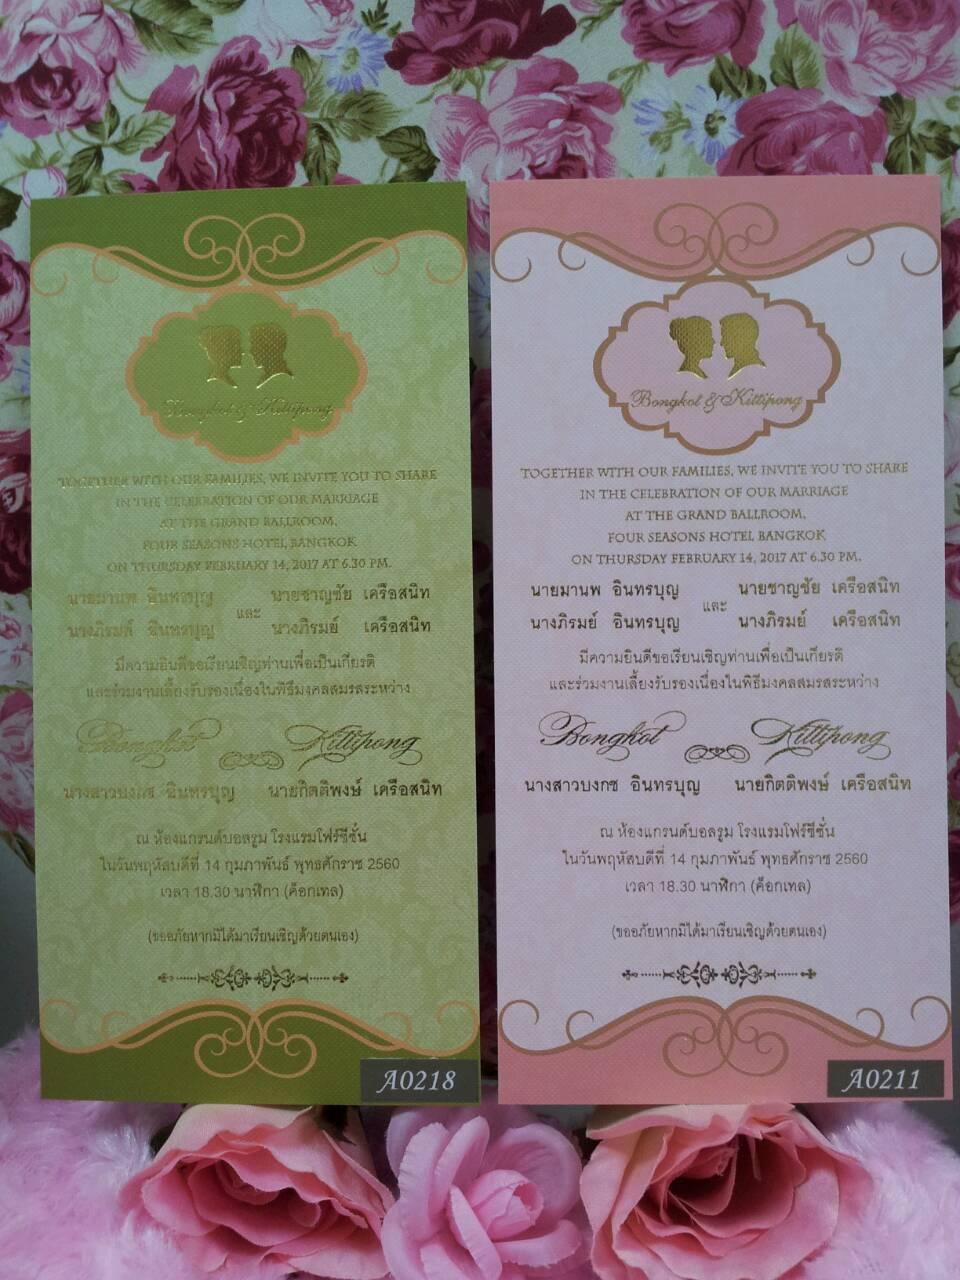 A0218 การ์ดแต่งงาน Adora หน้าเดียว สีเขียว